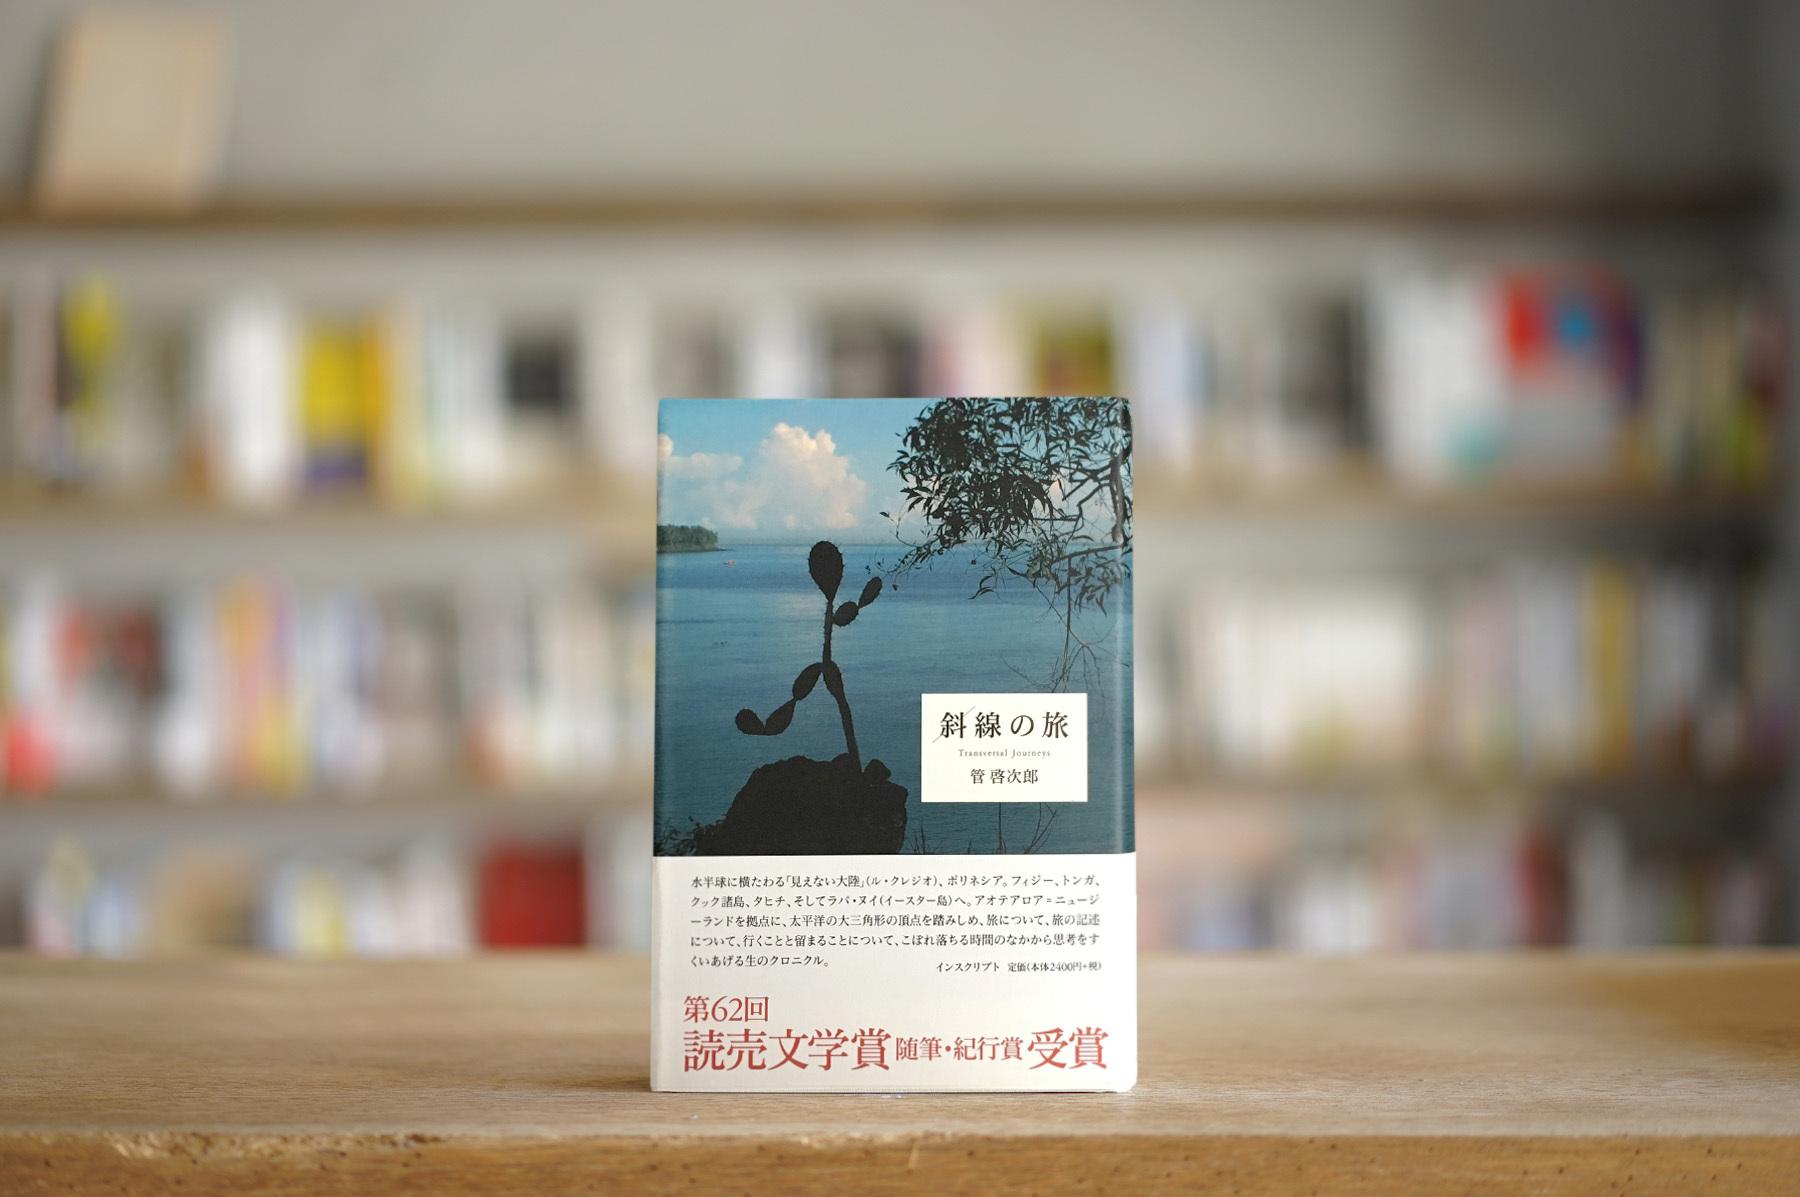 管啓次郎 『斜線の旅』 (インスクリプト、2010)